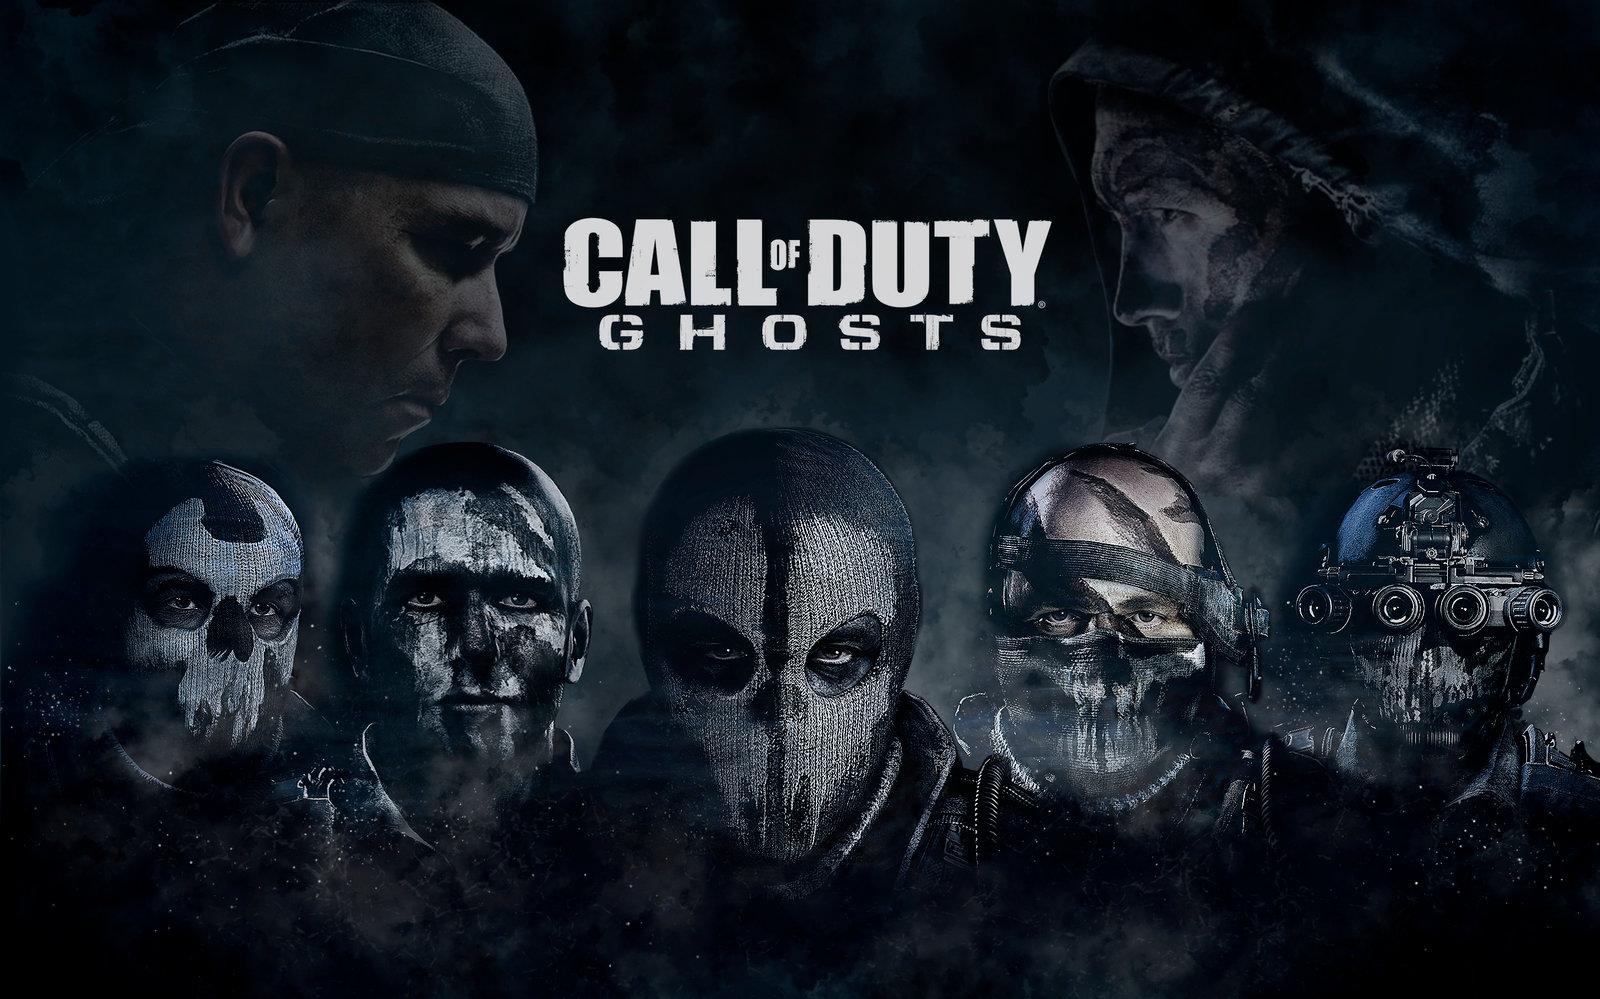 Call Of Duty 2 Wallpaper - WallpaperSafari